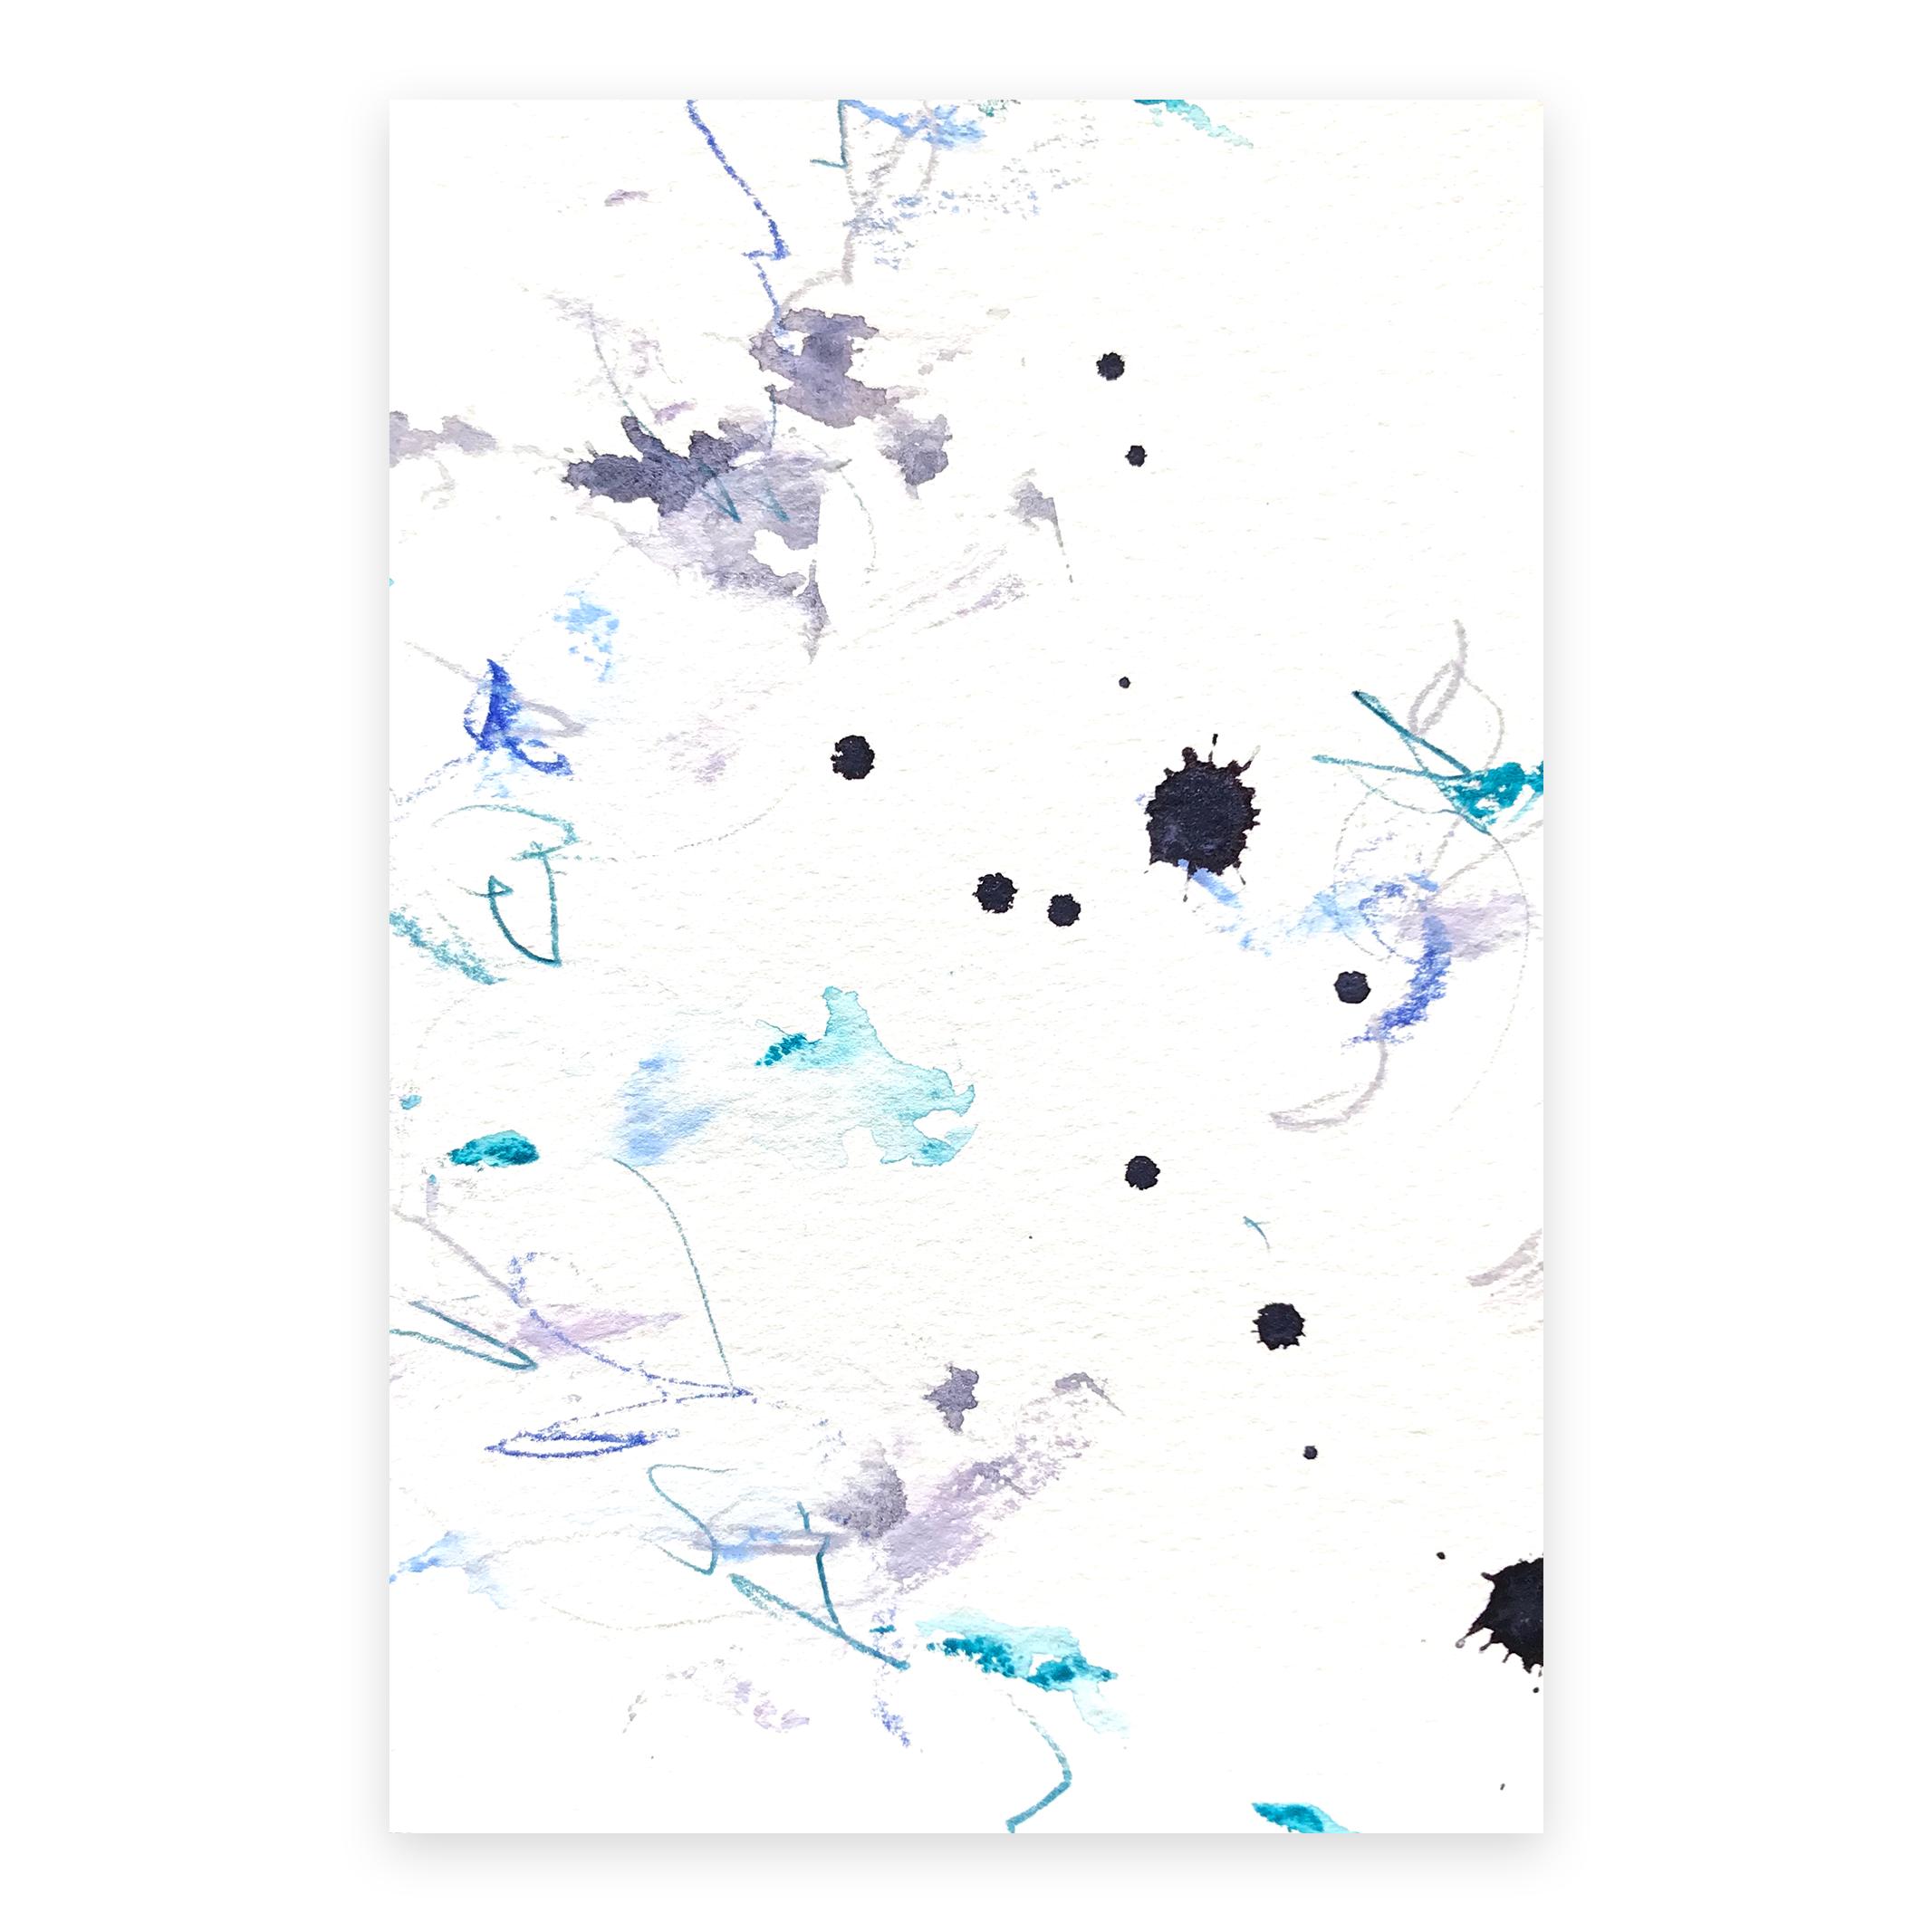 dd_dec01181  Mixed media on paper 14.8×10cm